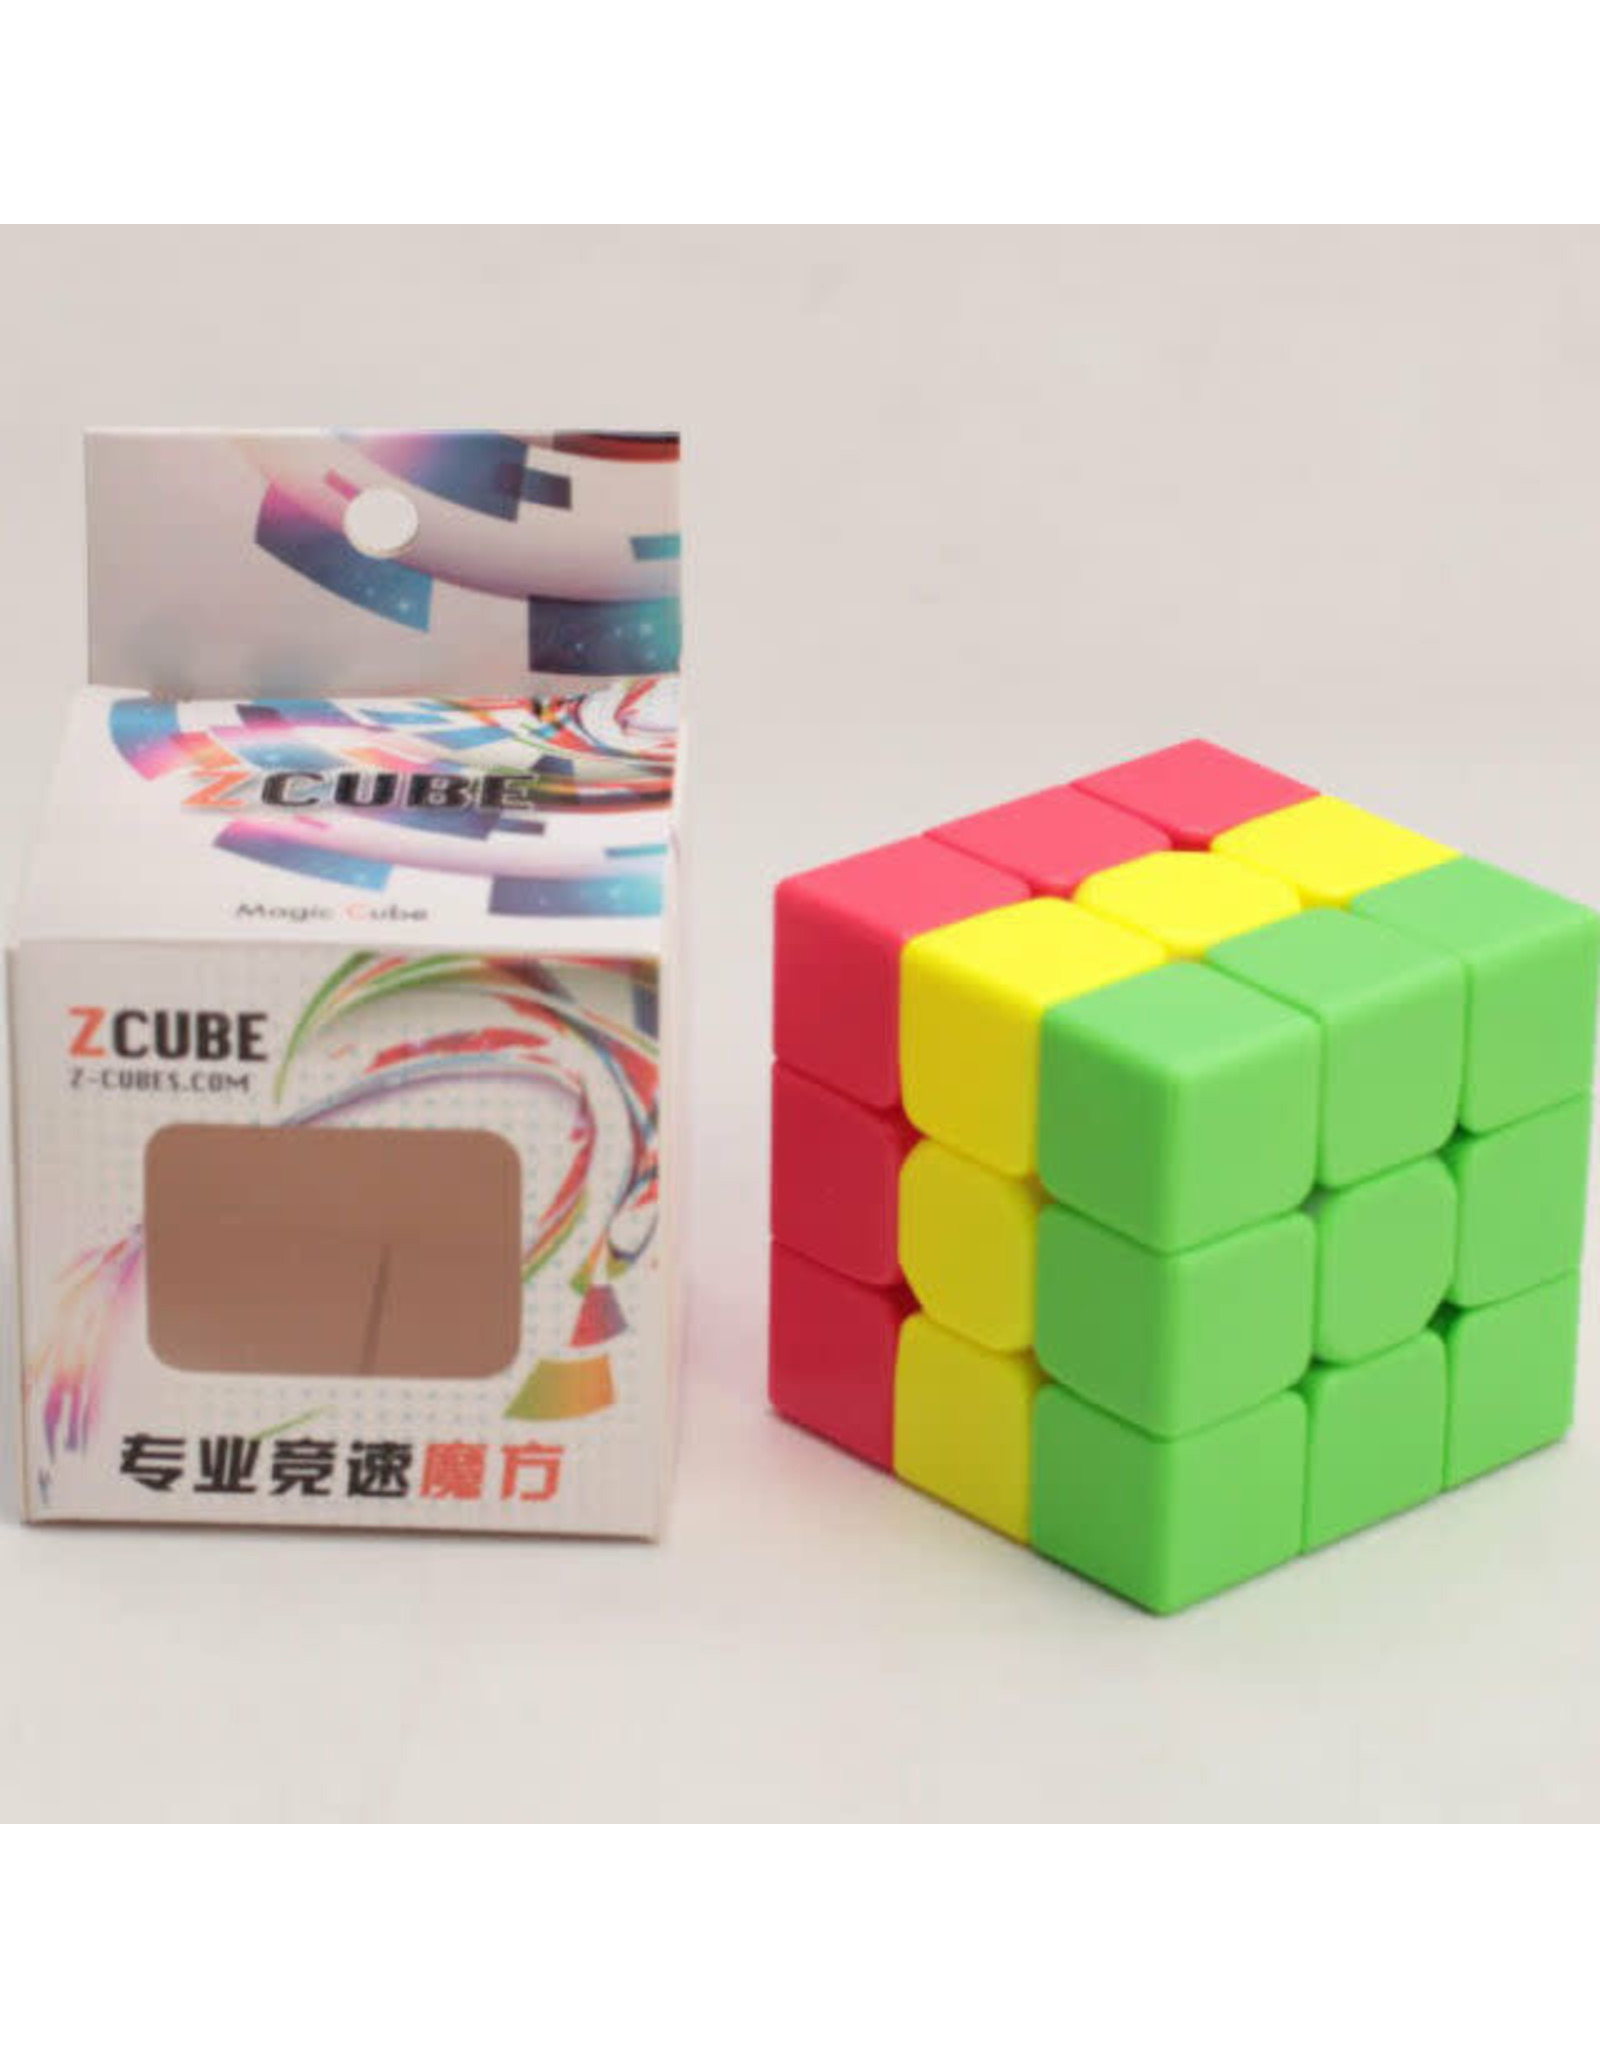 SpeedCubeShop Sandwich Cube (SpeedCubeShop)